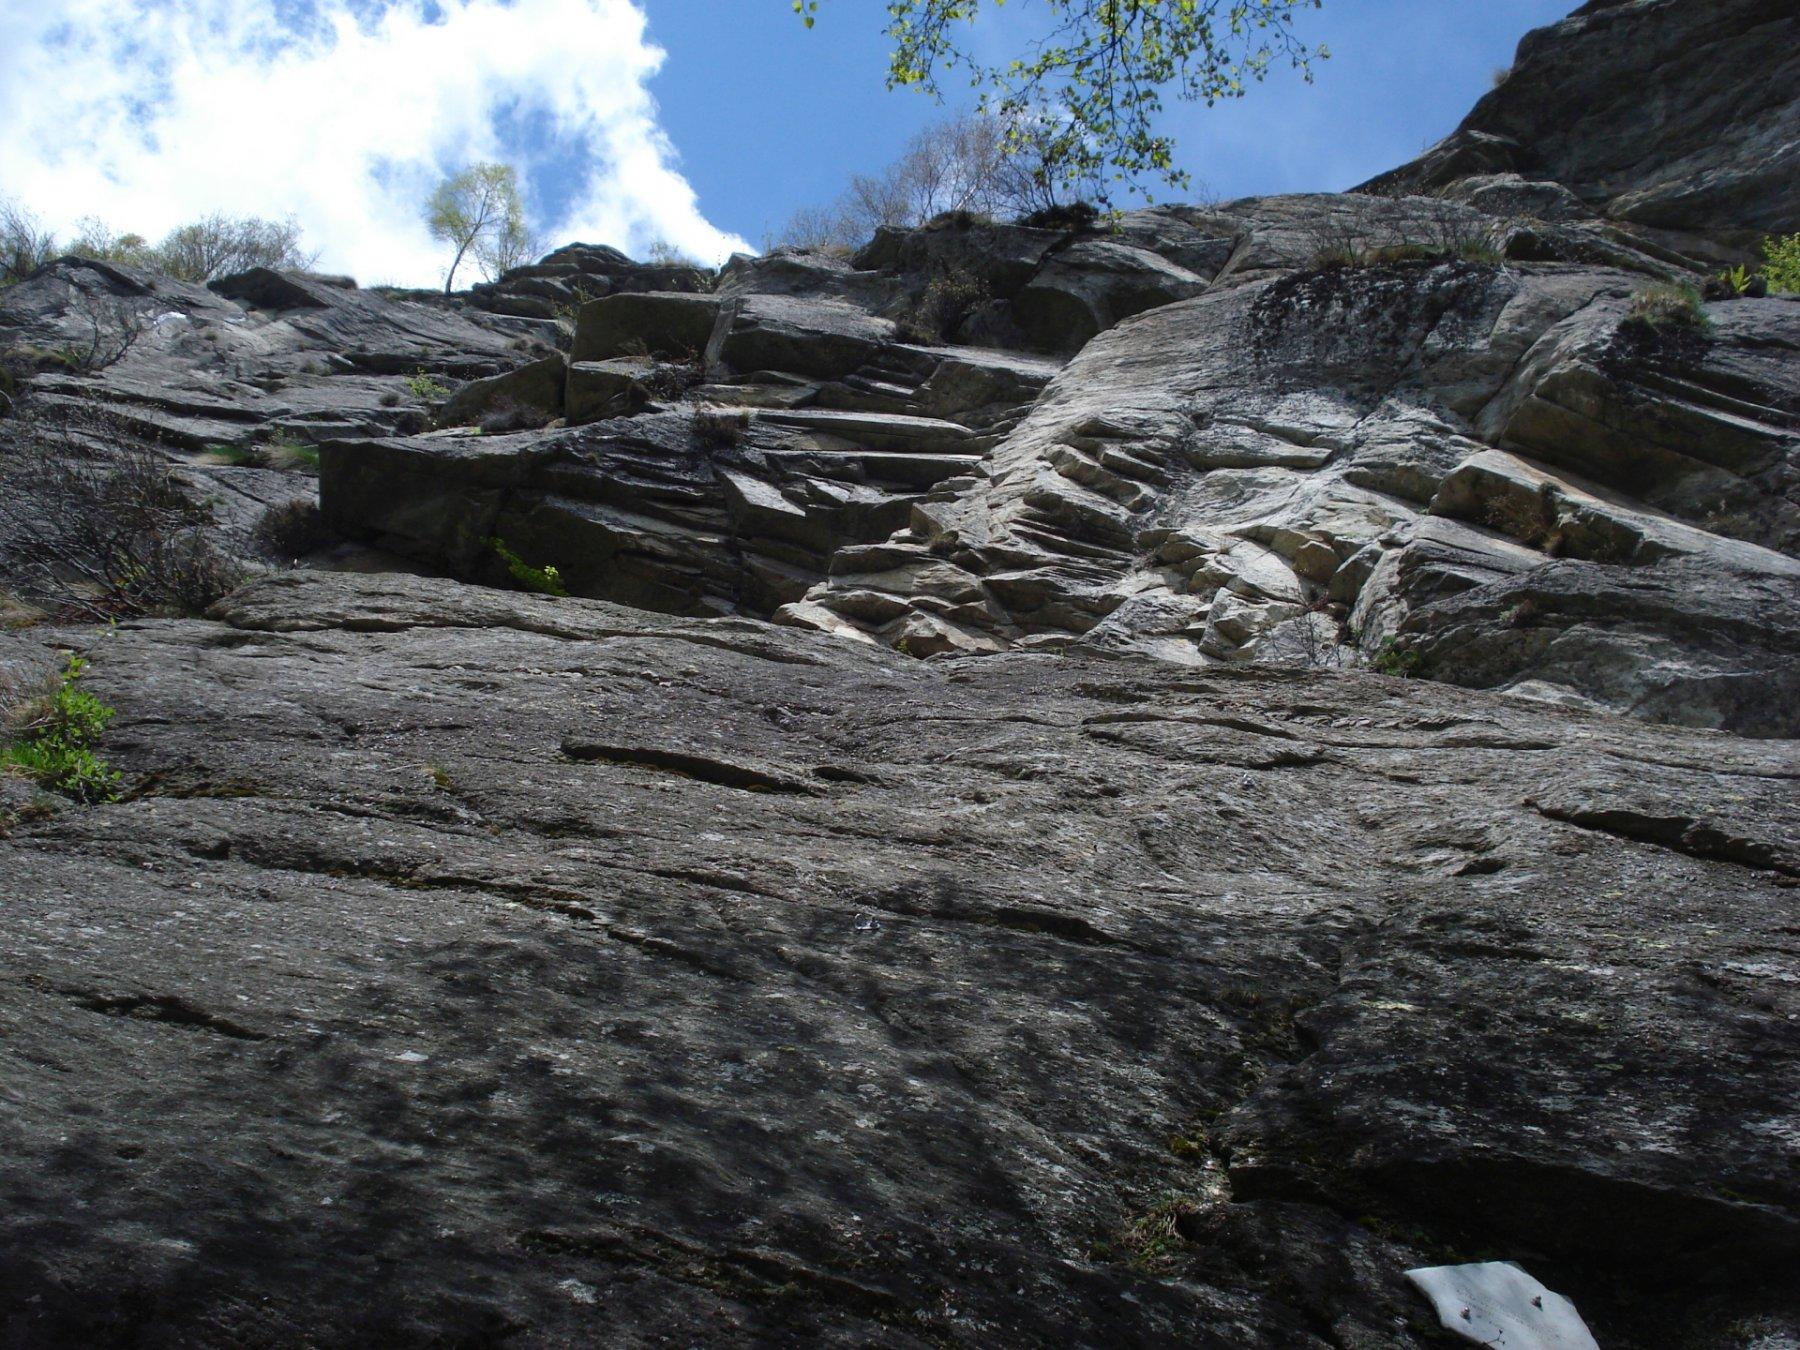 ..dopo aver attraversato due pietraie, il sentiero proveniente da B.ta Bustera si addossa al settore dx del Roc du Preve passando sotto le placche basali dove attaccano Unione delle Forze e Genesi dello Spettacolo